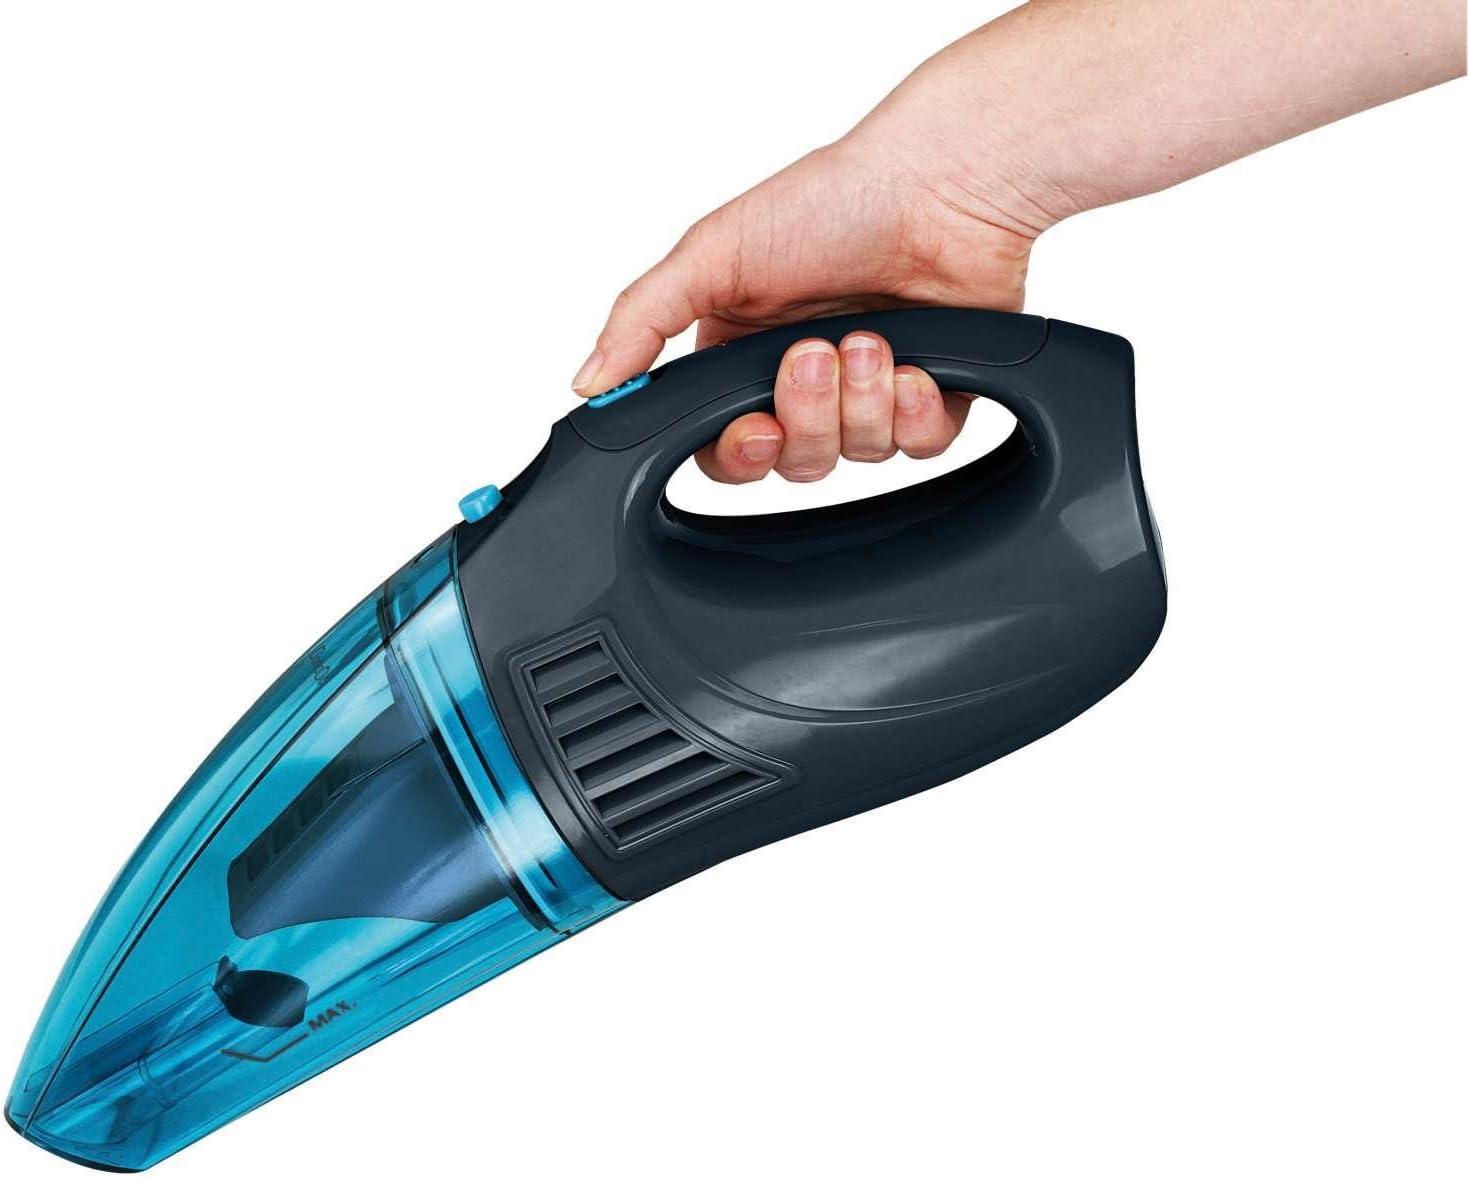 Aspiradora de mano para líquidos y superficies de mano Mini Aspiradora de aspiradora batería de aspiradora (inalámbrico, sin bolsa, pared, aspirador de Mojado, Azul): Amazon.es: Hogar